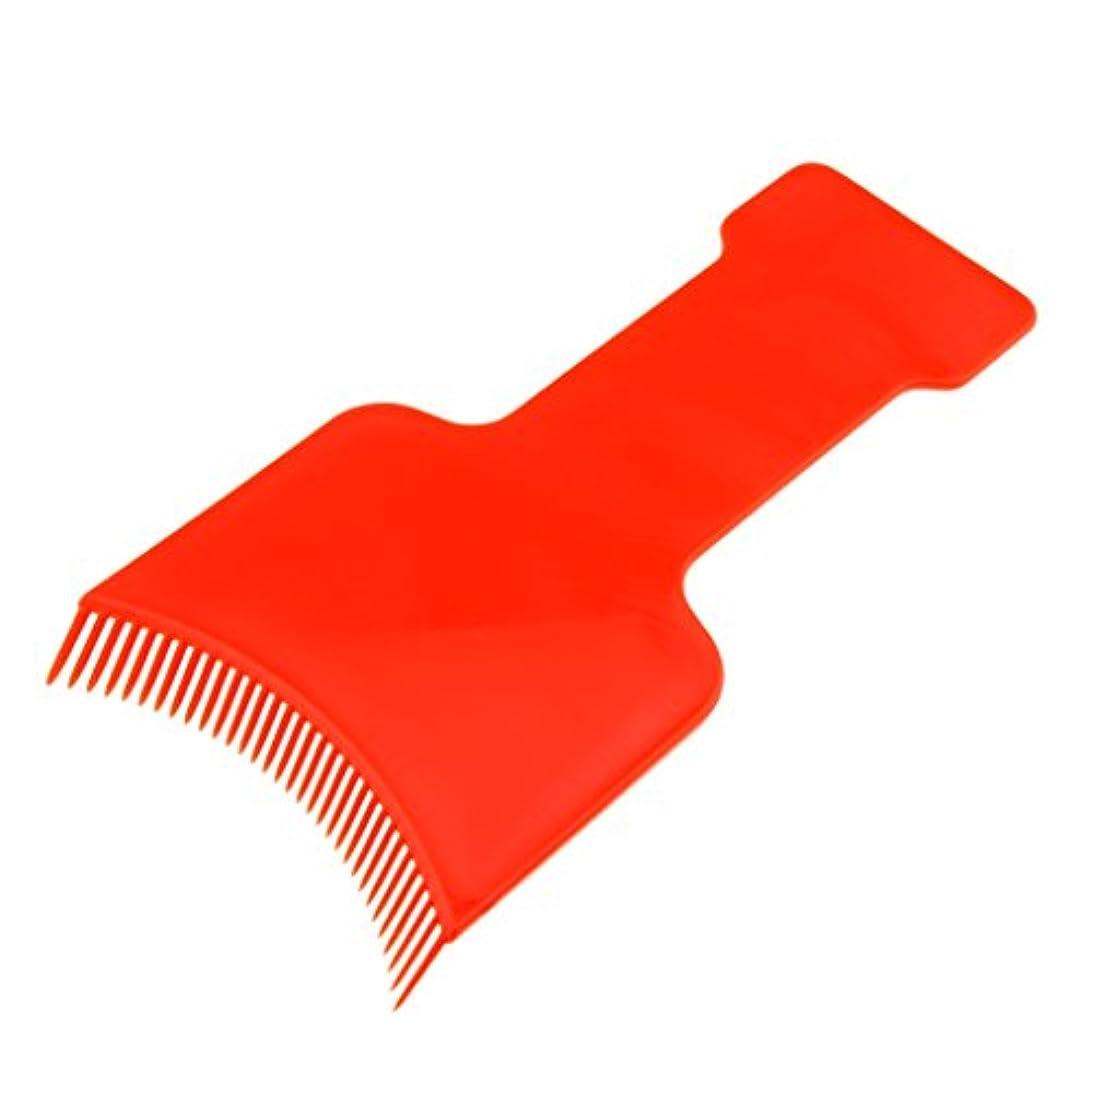 実装する後退する芸術的ヘアカラーボード ヘアダイコーム ヘアダイブラシ 染色櫛 プレート ヘアサロン 用品